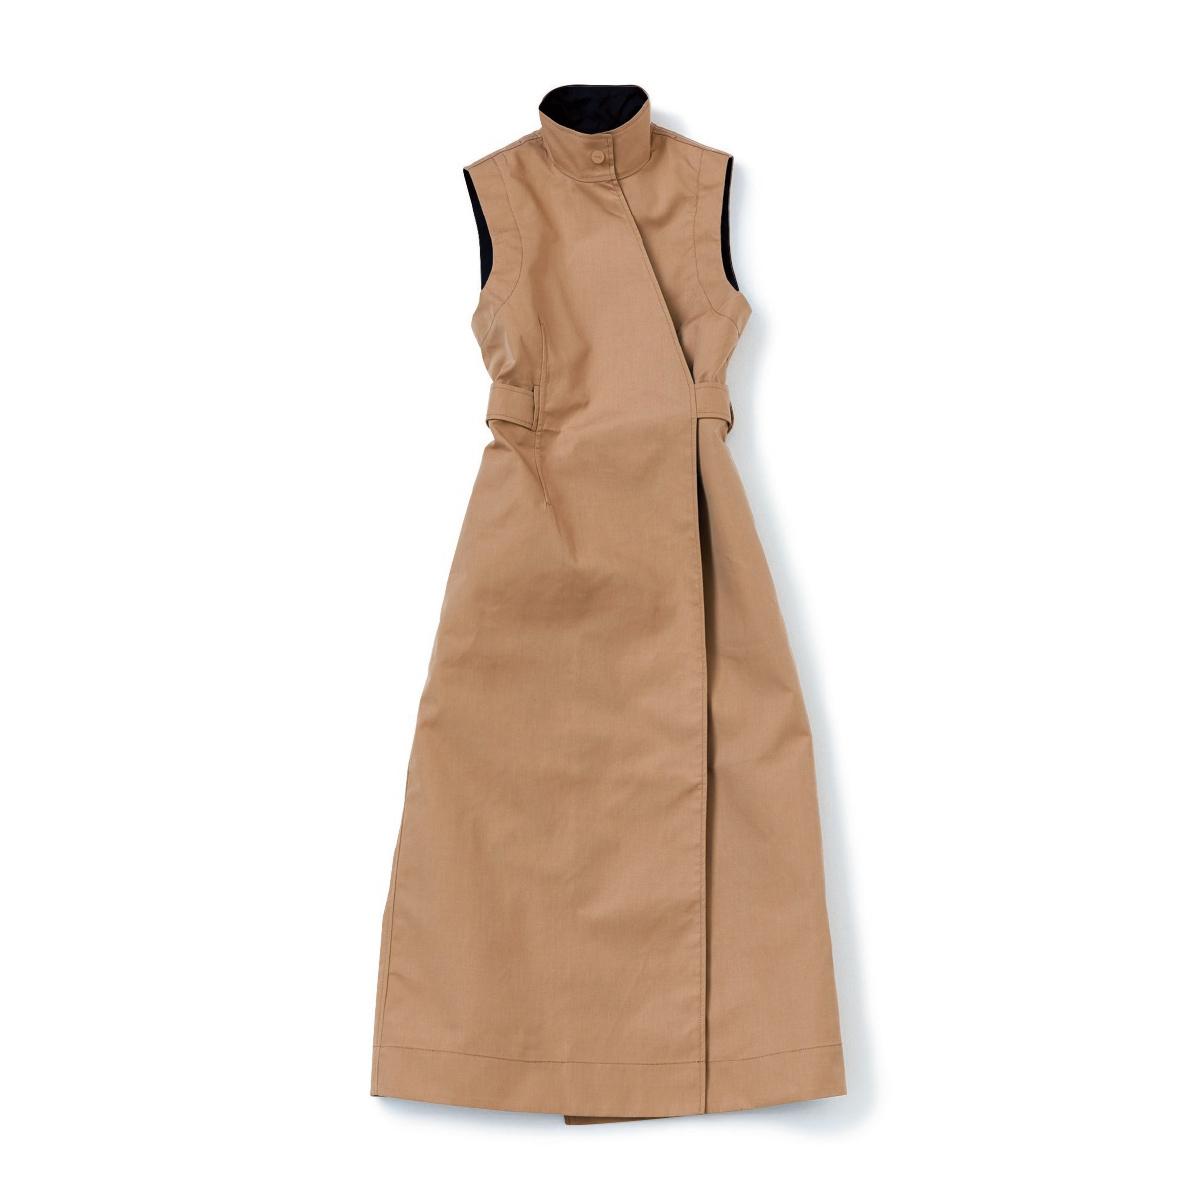 ガニー「トレンチコートドレス」